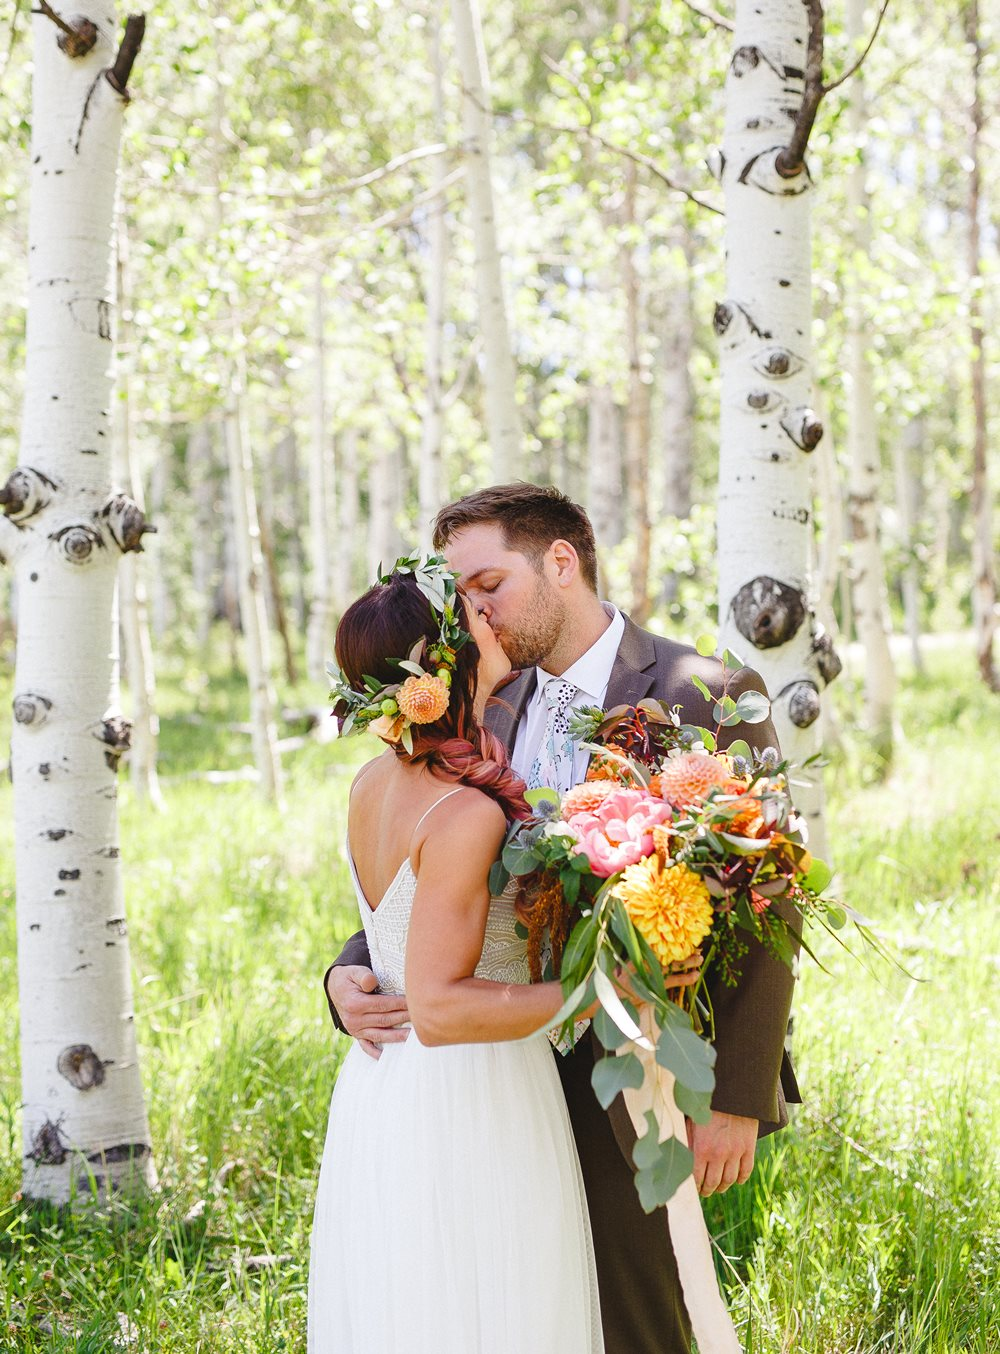 zion wedding floral crown